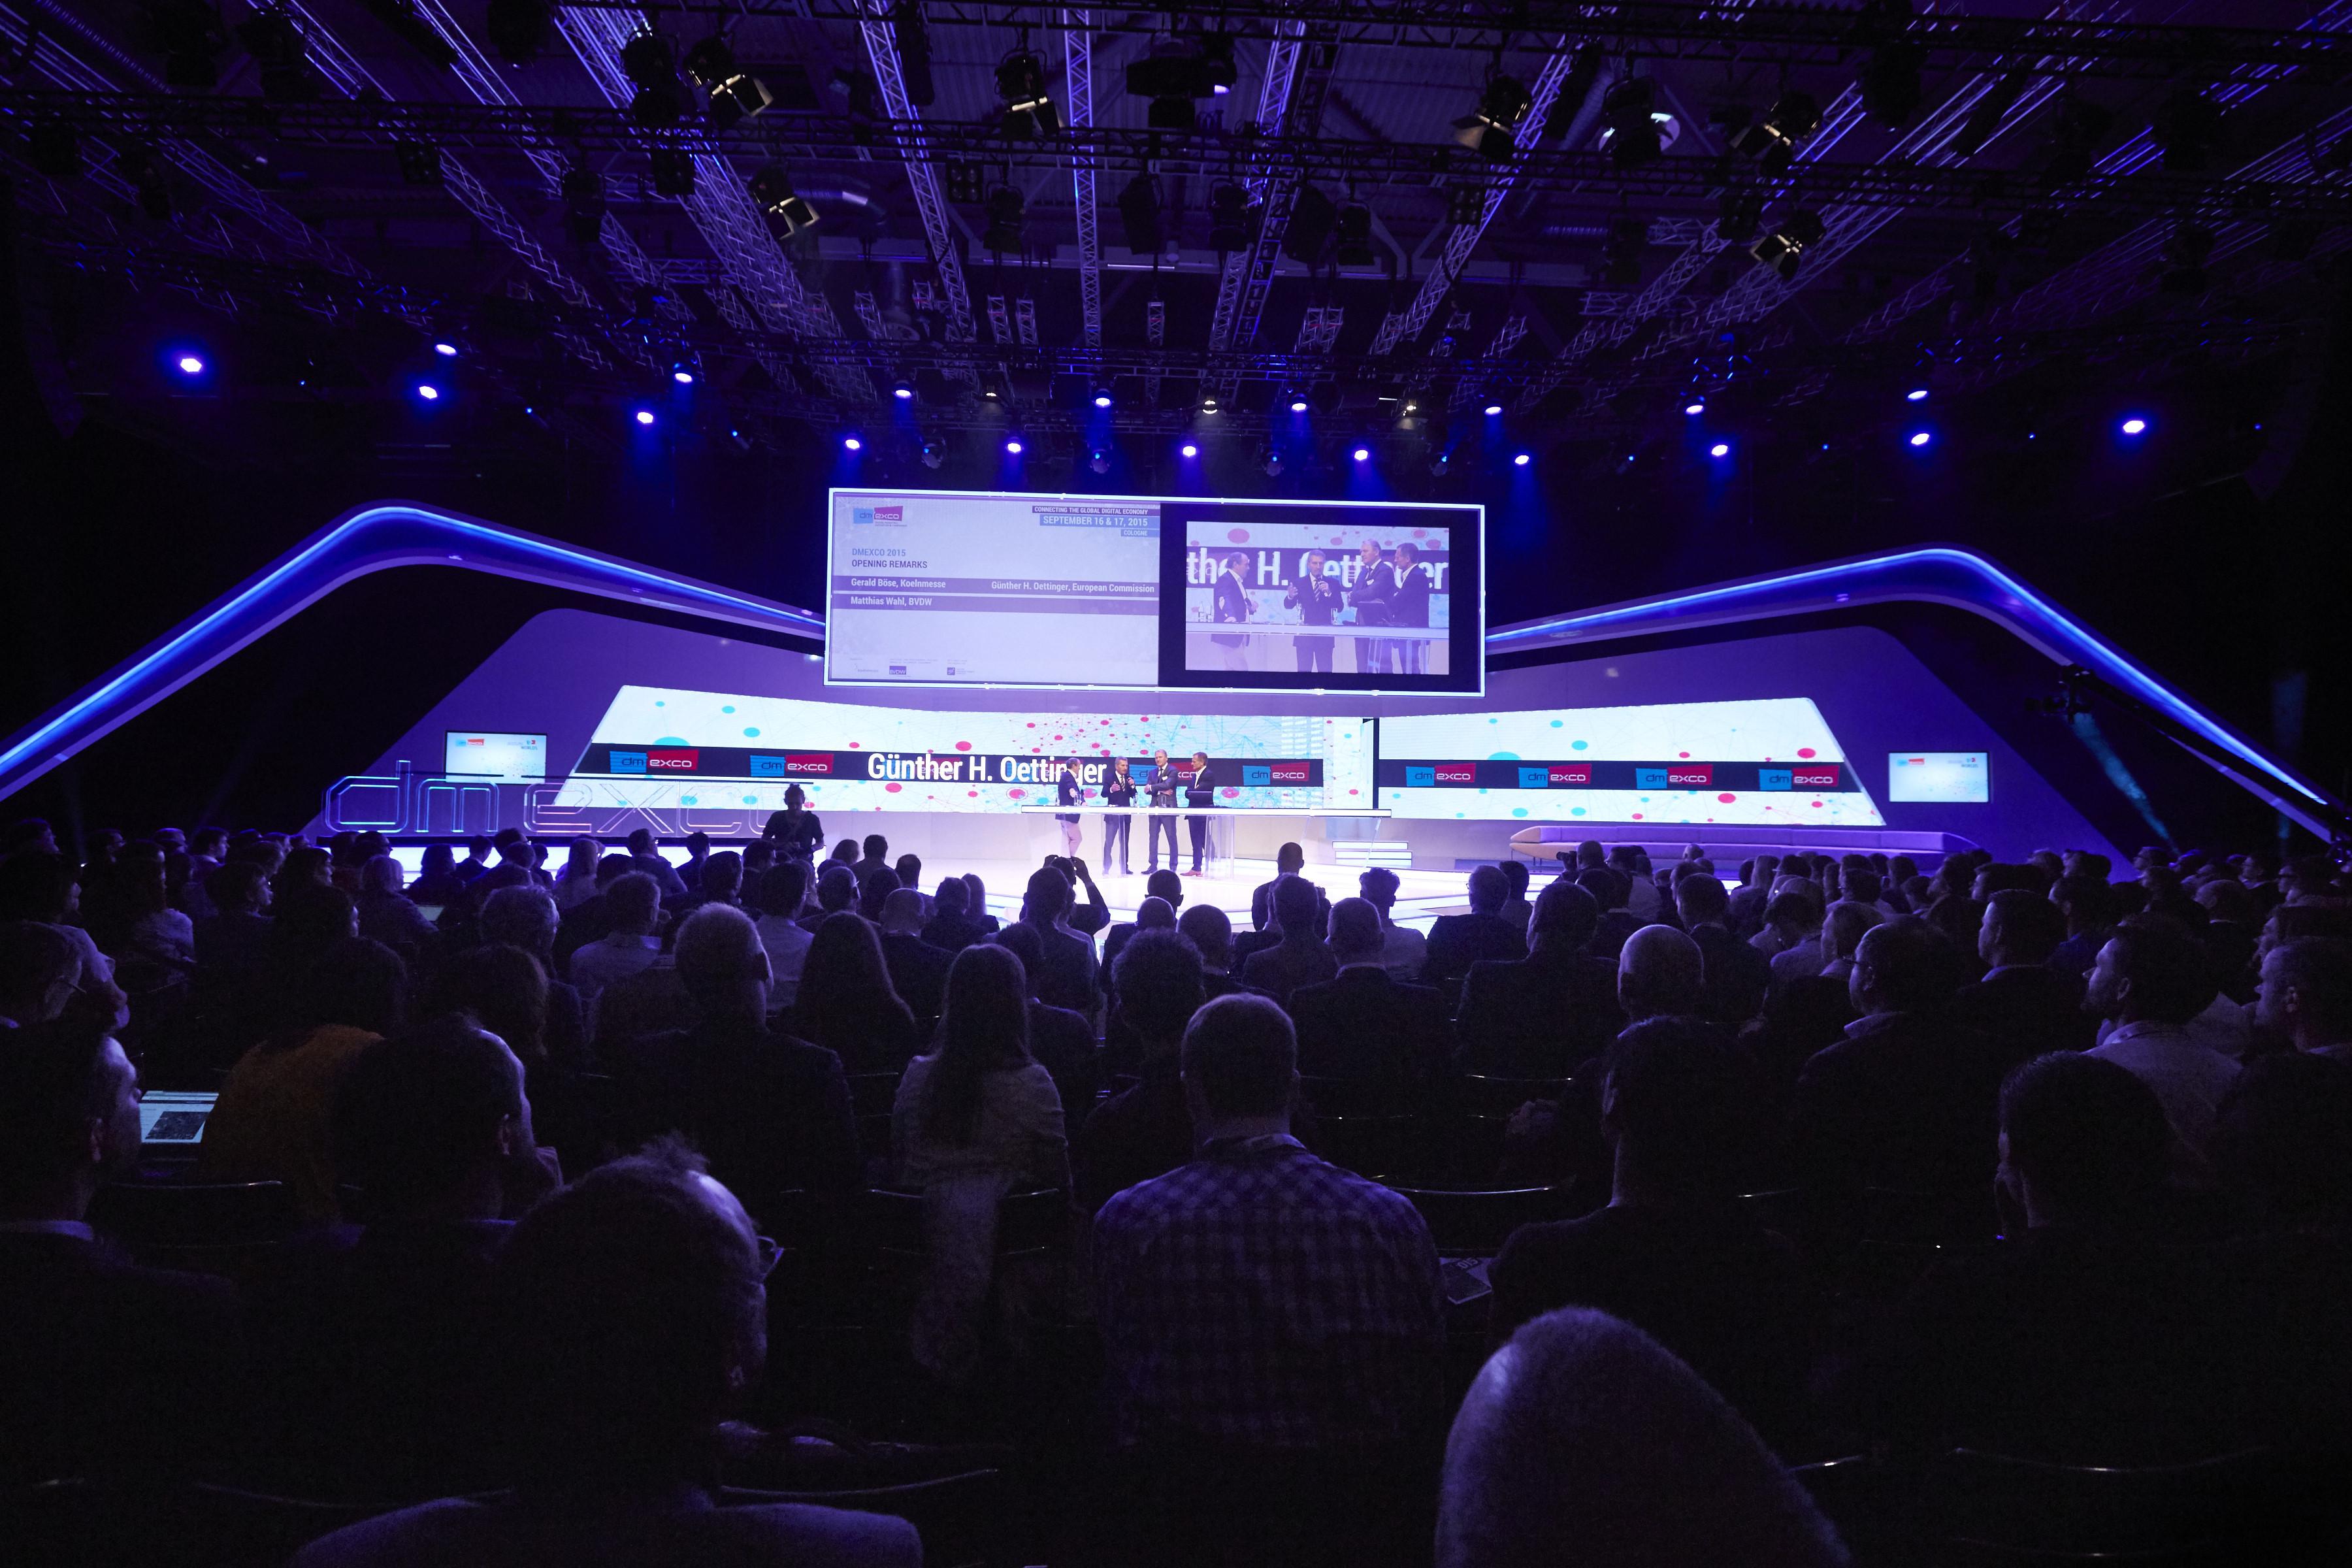 """Die """"dmexco"""" zieht Tausende von Besuchern an, hier die Congressbühne. Foto: dmexco"""